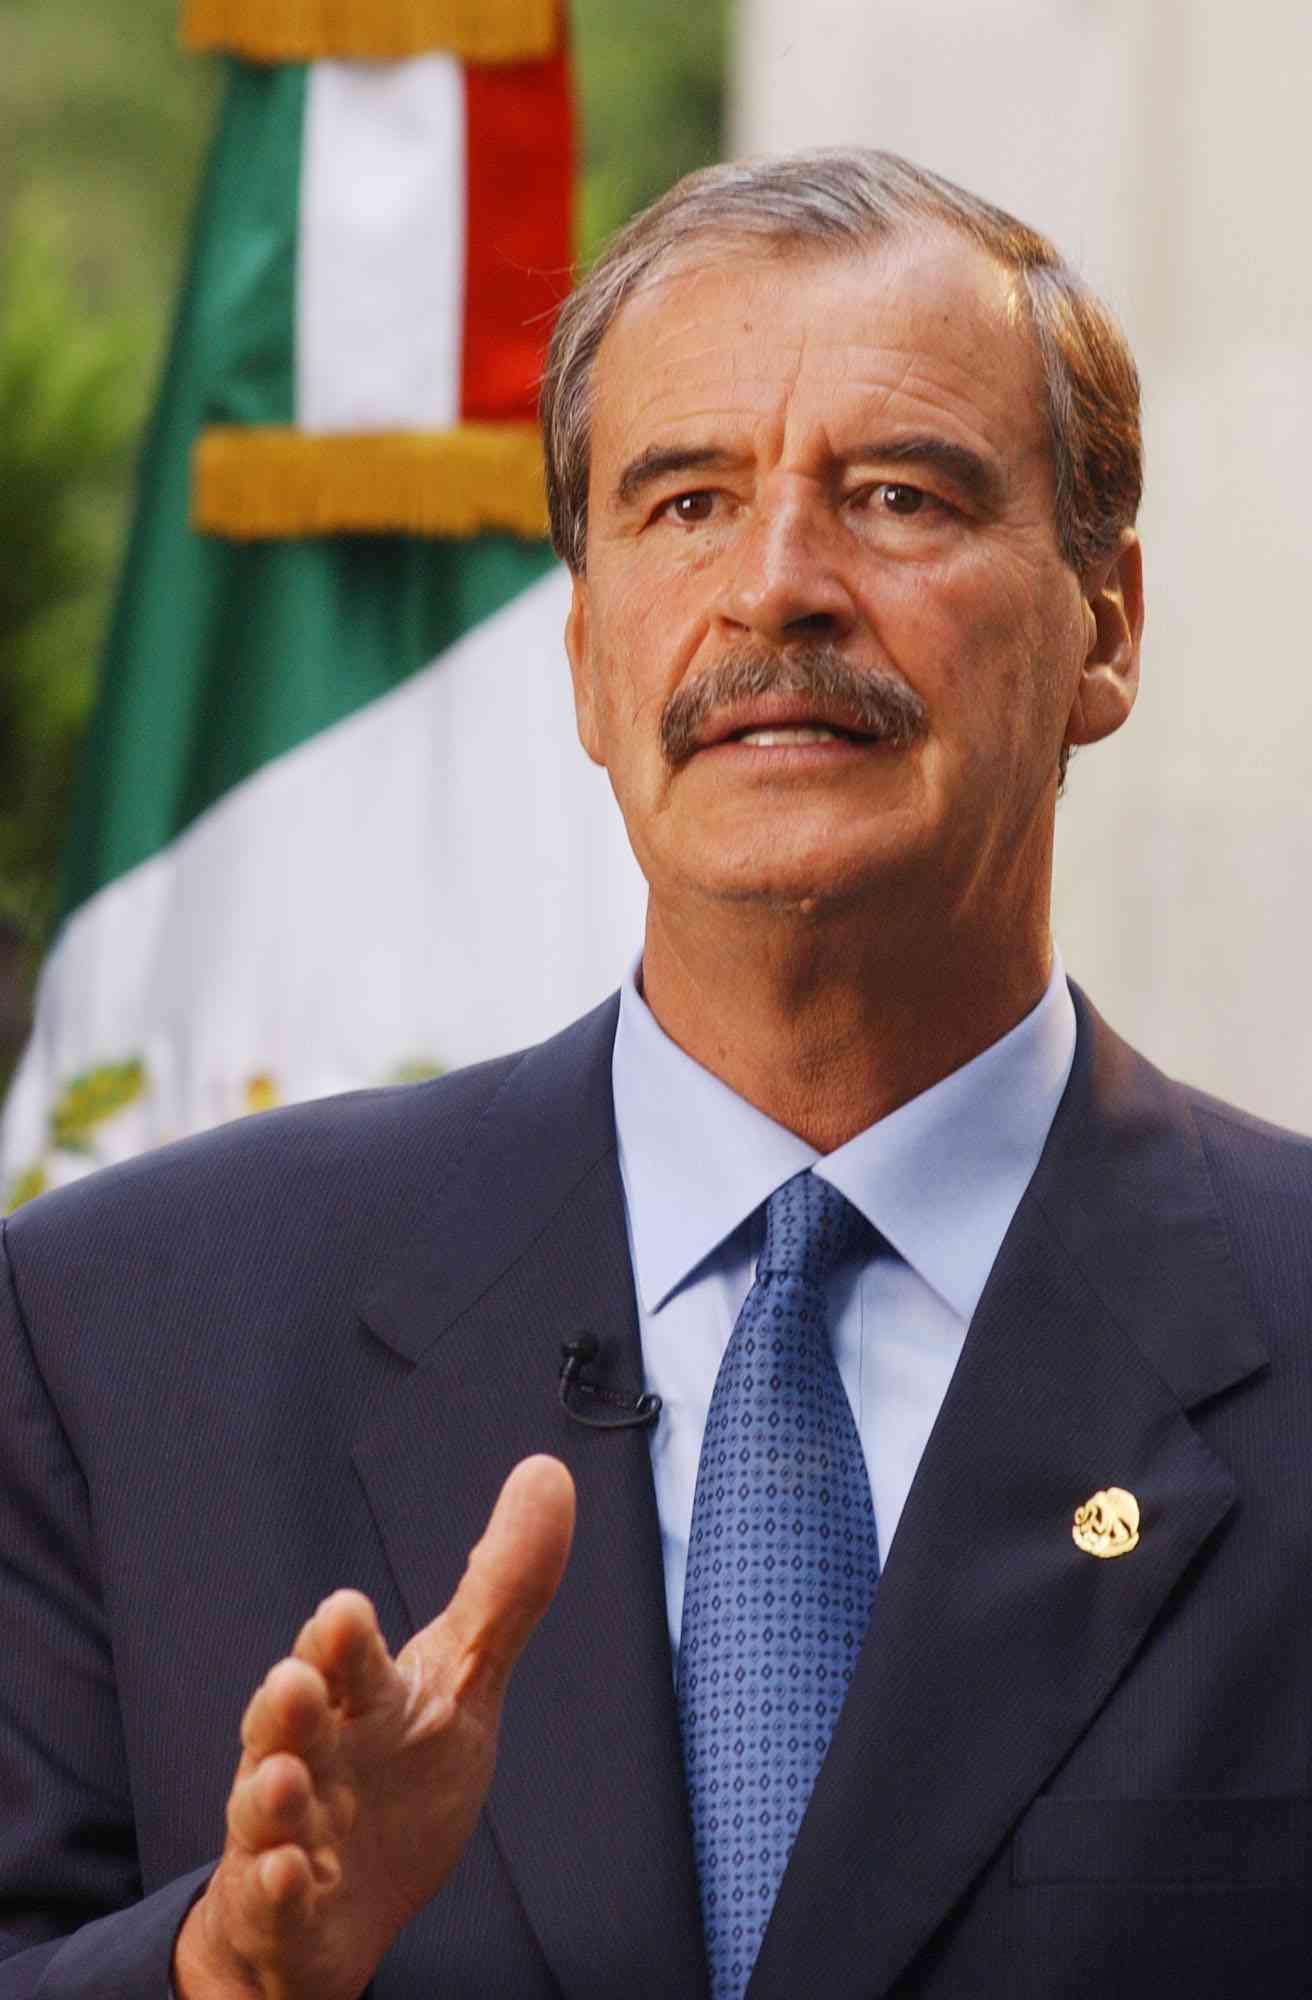 Vicente Fox: La legalización mundial de la marihuana es irreversible